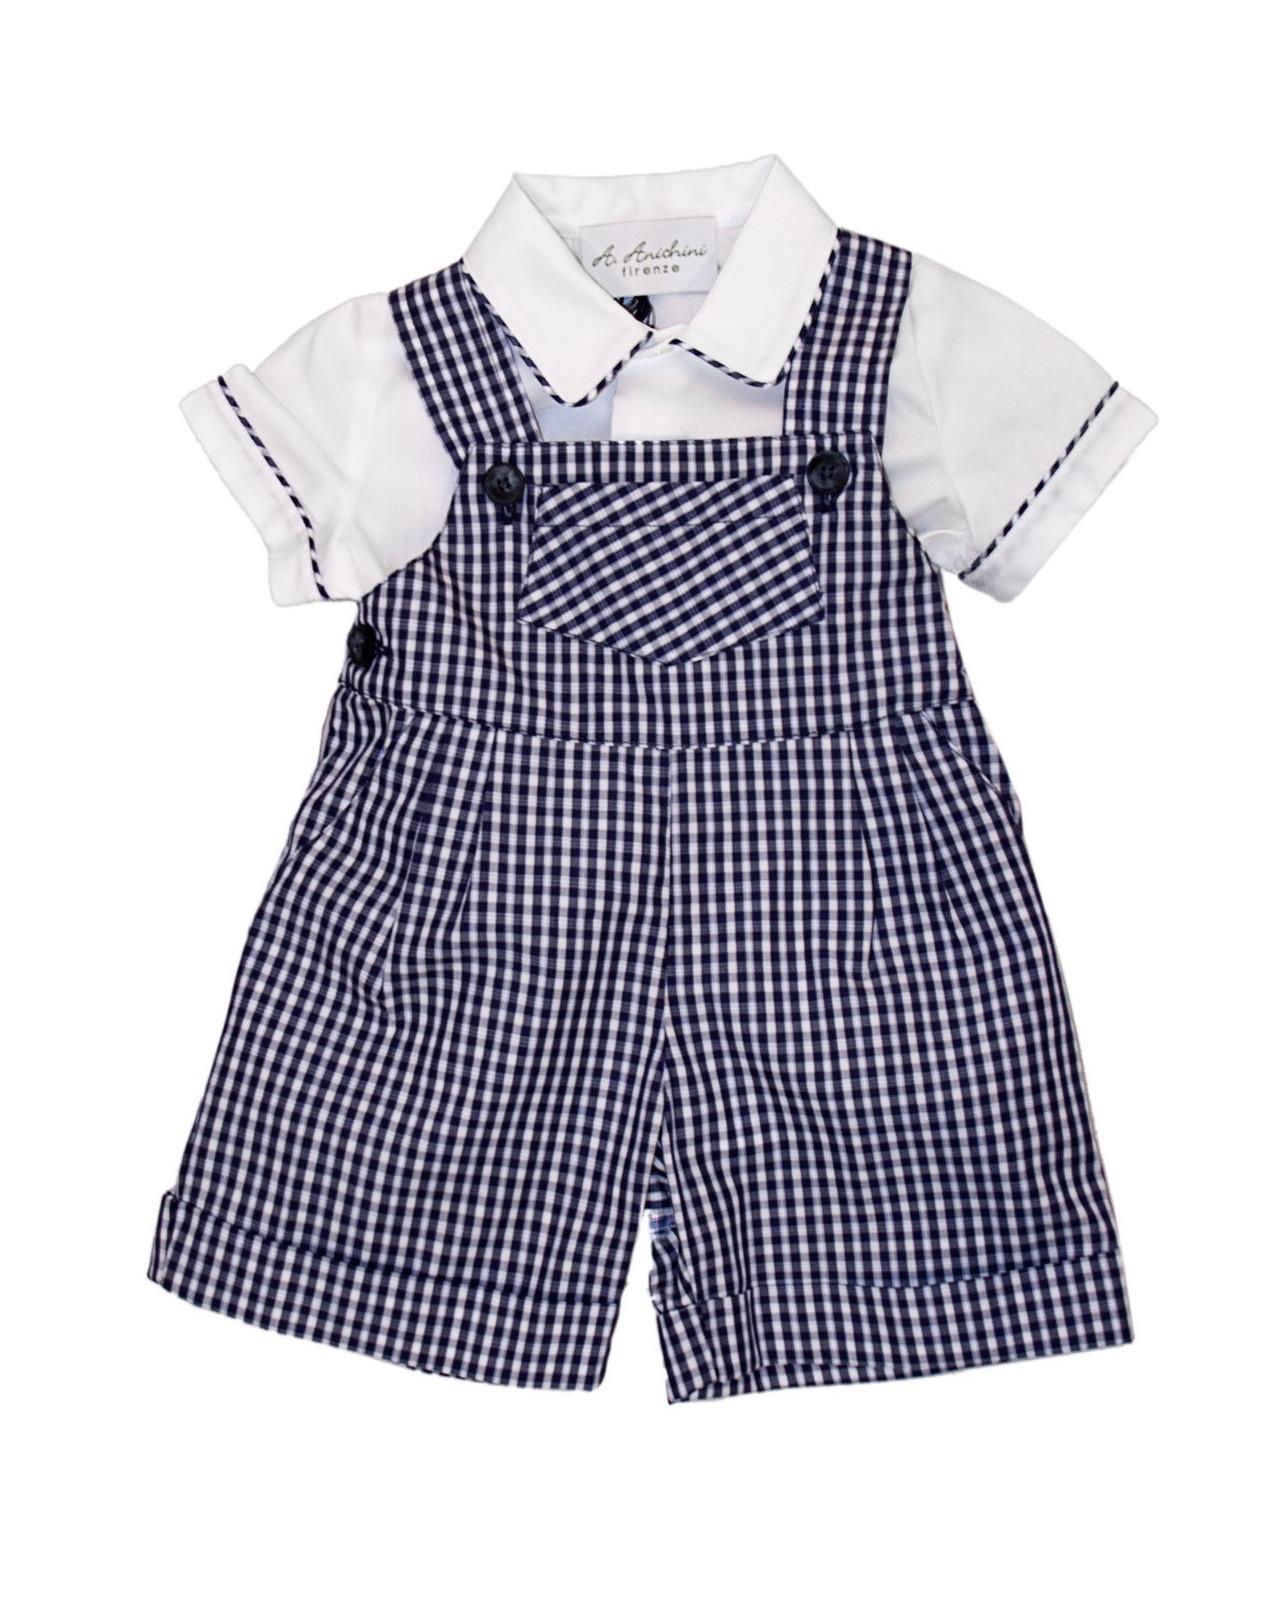 Baby navy checks dungaree with matching shirt